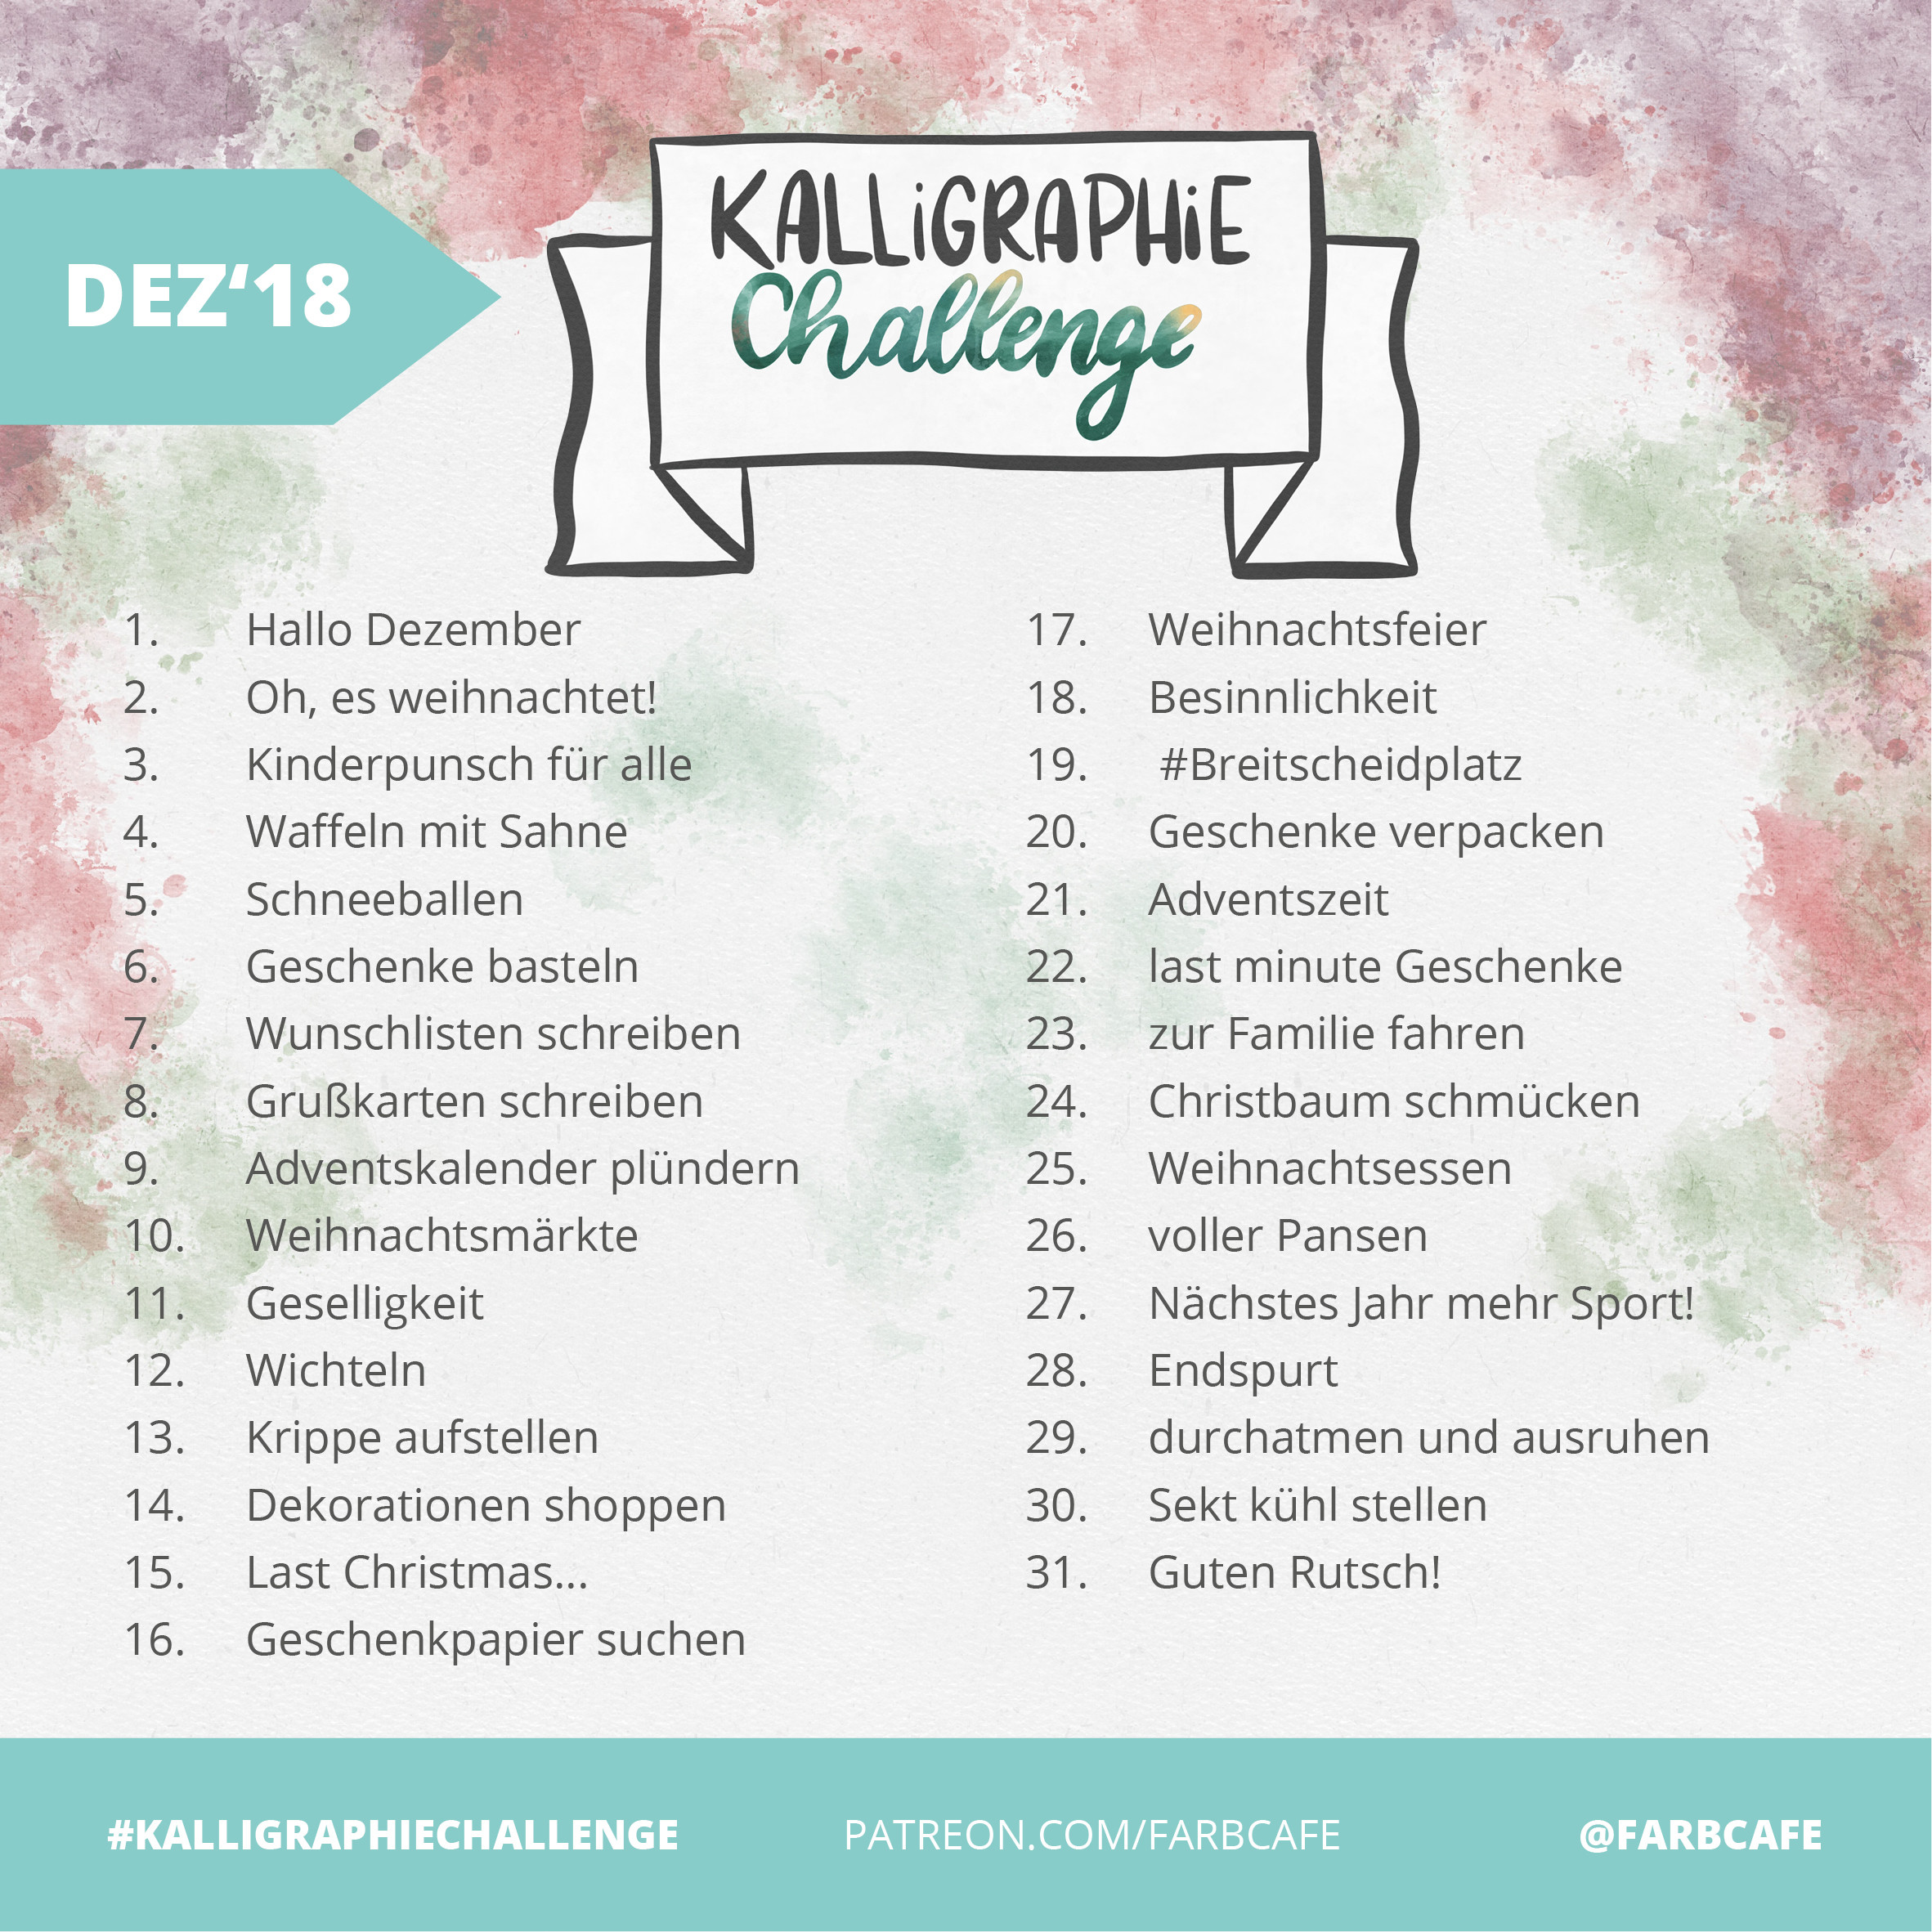 KalligraphieChallenge Dezember 2018 - FarbCafe